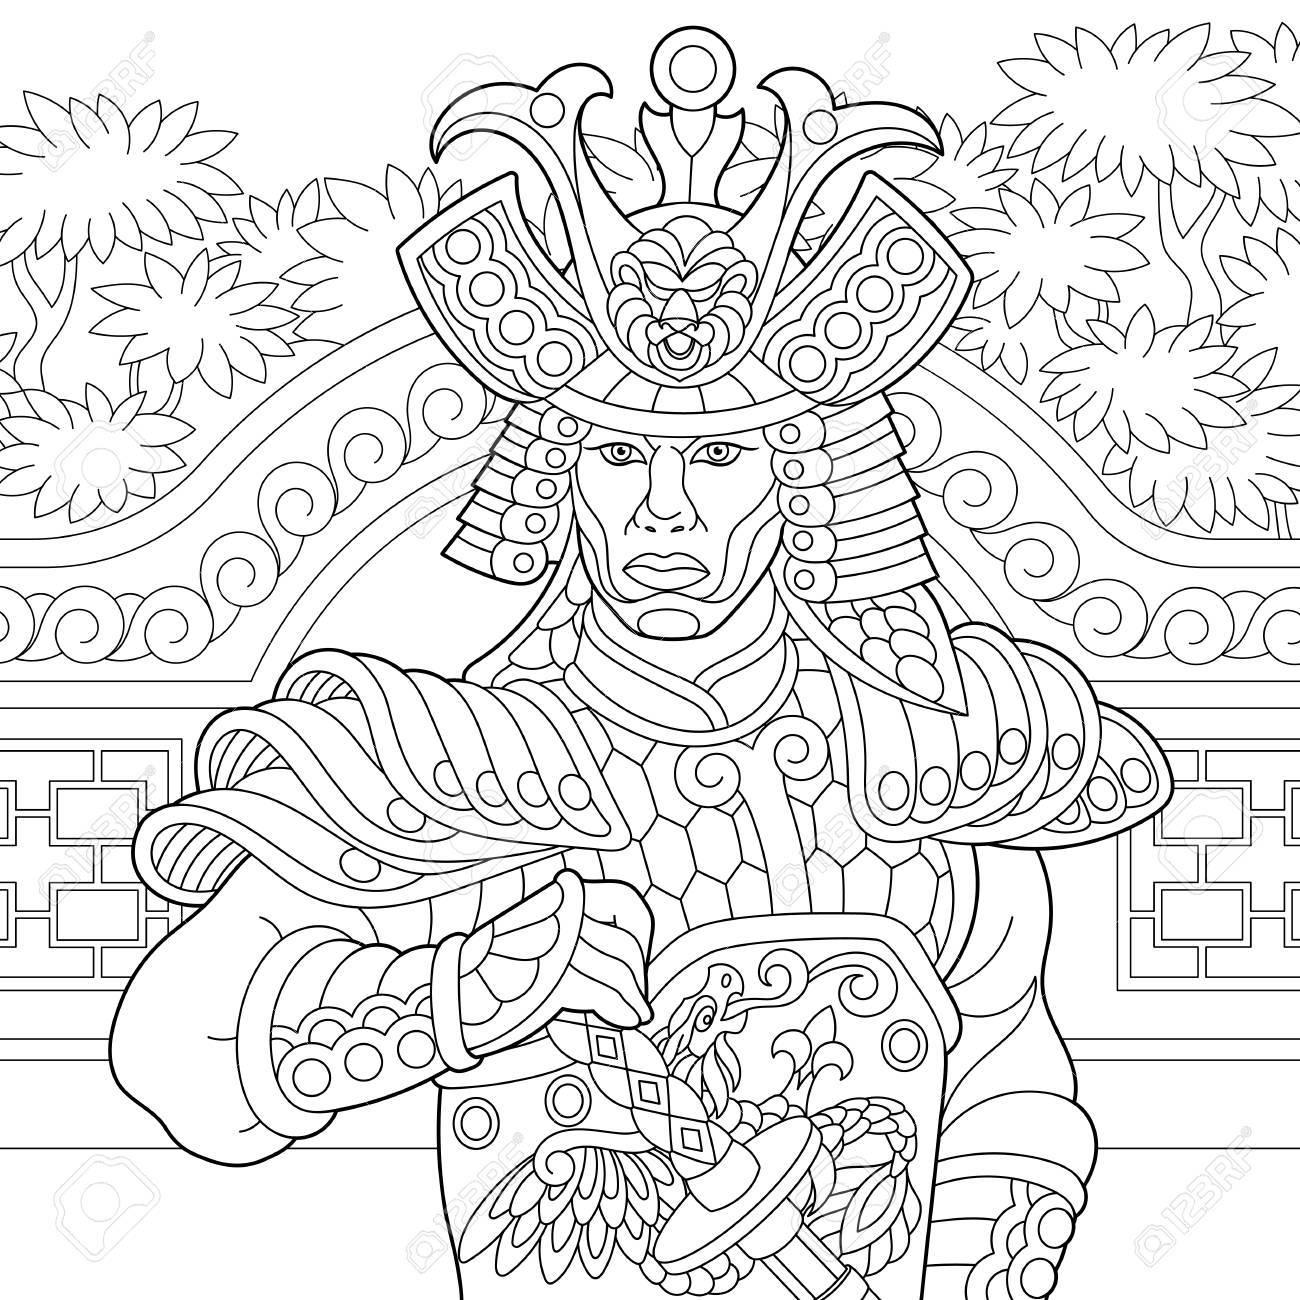 Coloriage Adulte A Imprimer Japon.Coloriage De Samourai Japonais Avec Epee Katana Dessin De Croquis A Main Levee Pour Livre De Coloriage Antistress Adulte